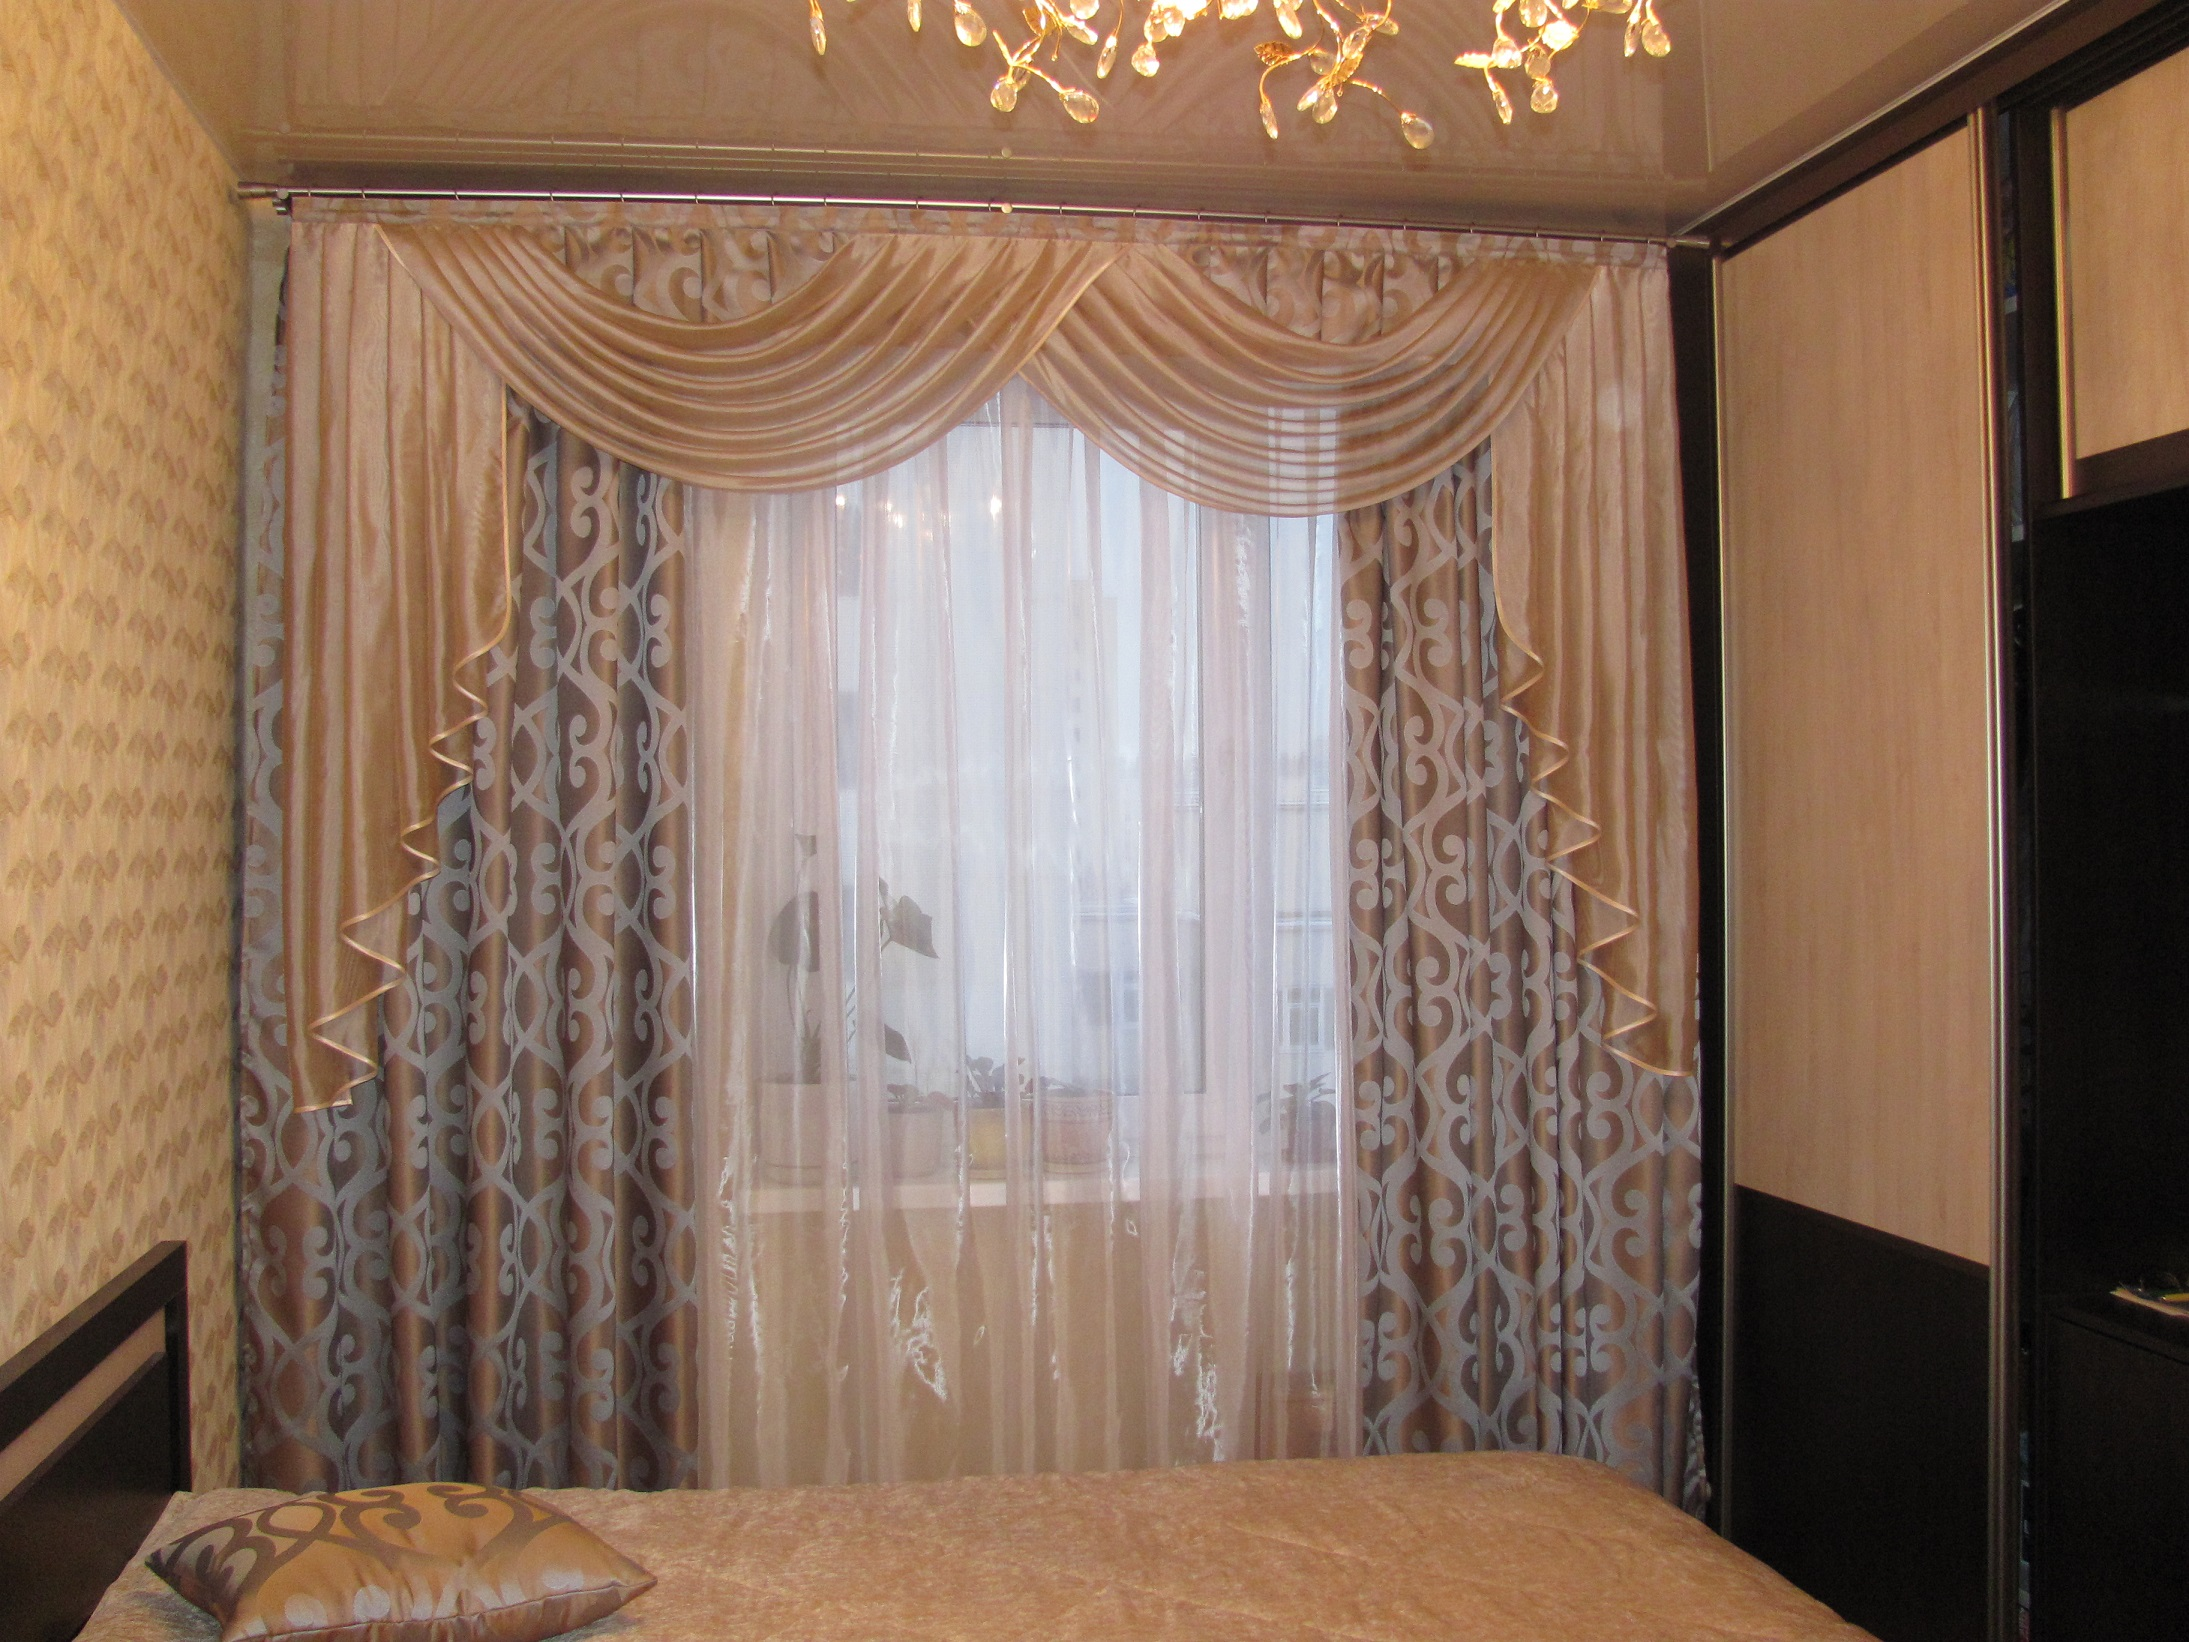 Ламбрекены в спальню: 15 фото идей 20